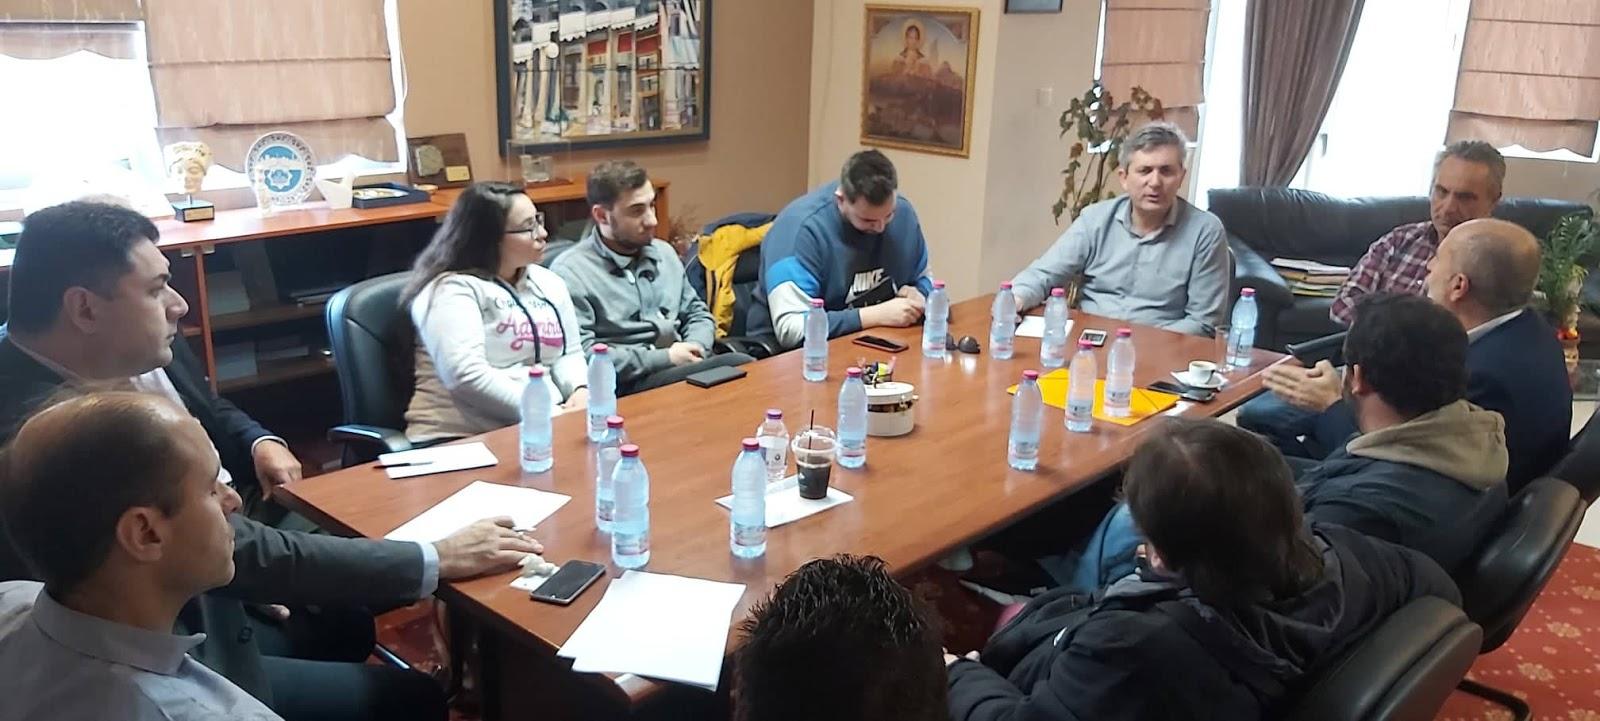 Συνάντηση στο Δημαρχείο Άρτας για θέματα φοιτητικής μέριμνας